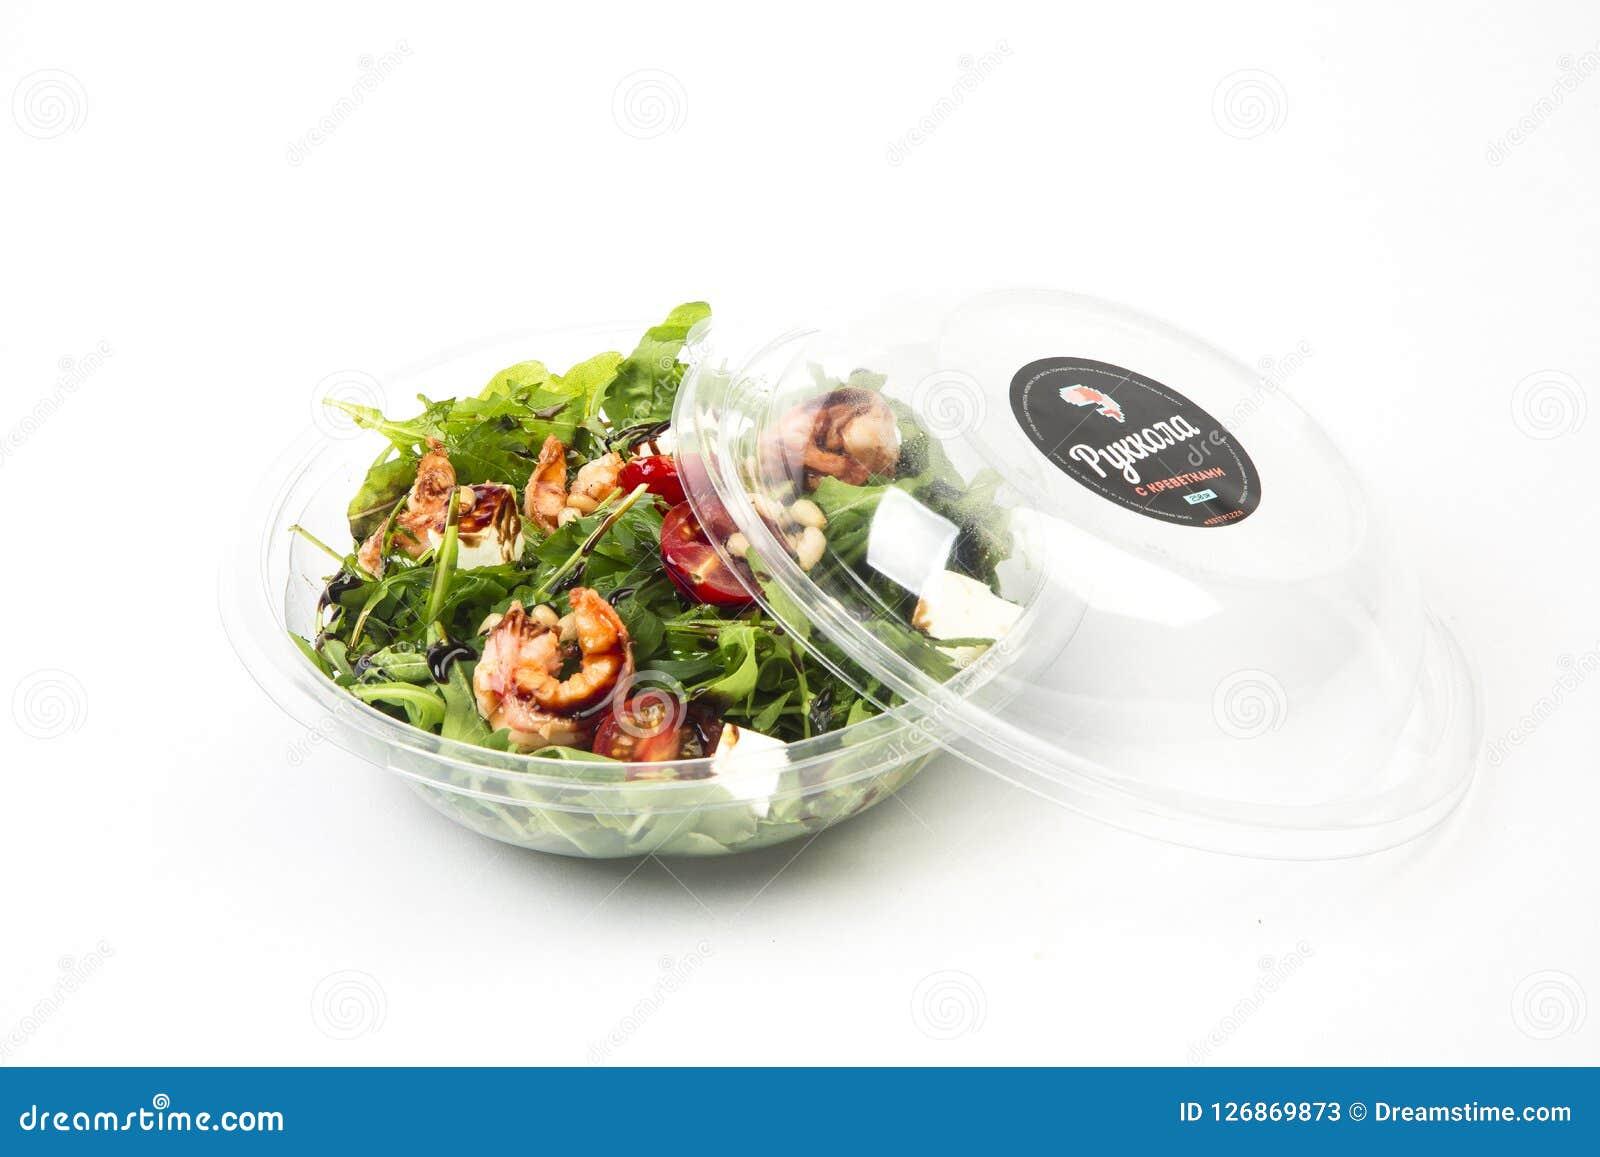 Salada com camarões, tomates e rúcula